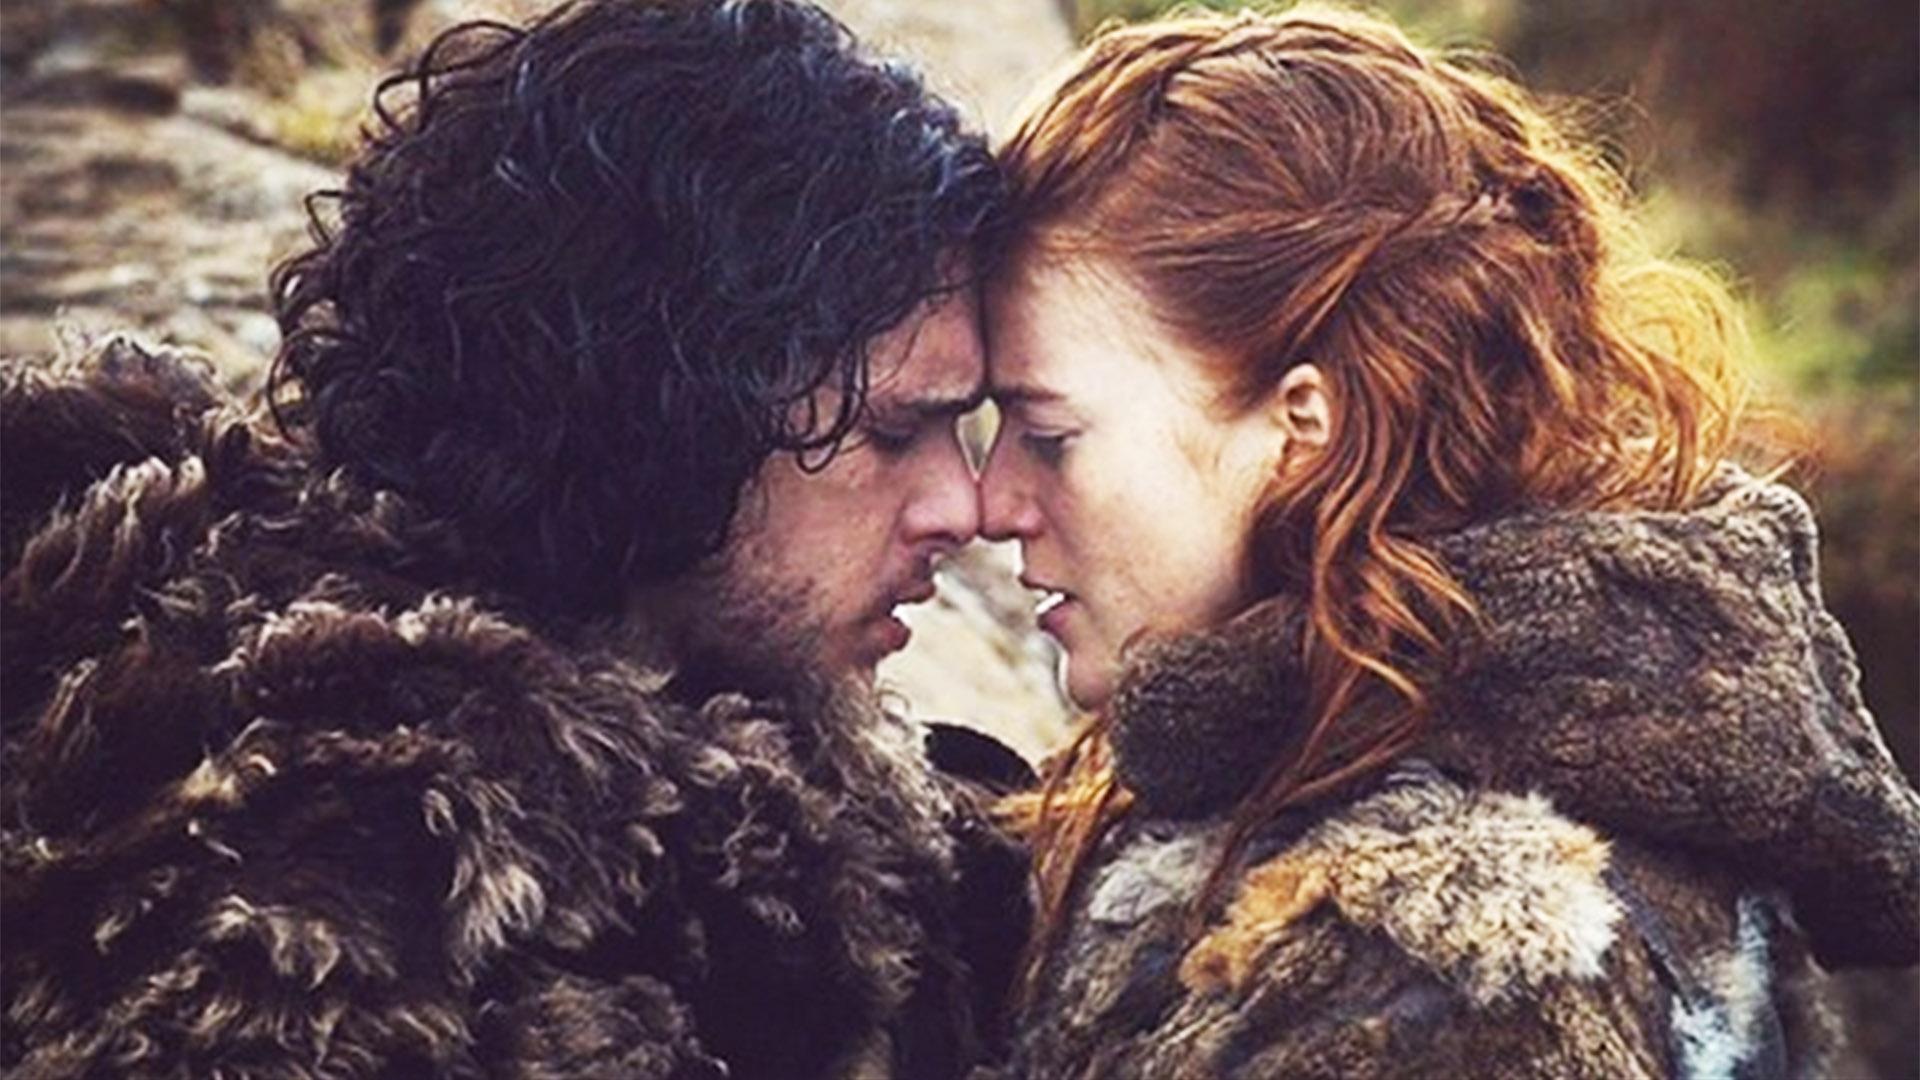 """La serie """"Game of thrones"""" se estrenó en el 2011 y tuvo, hasta ahora, 7 temporadas"""